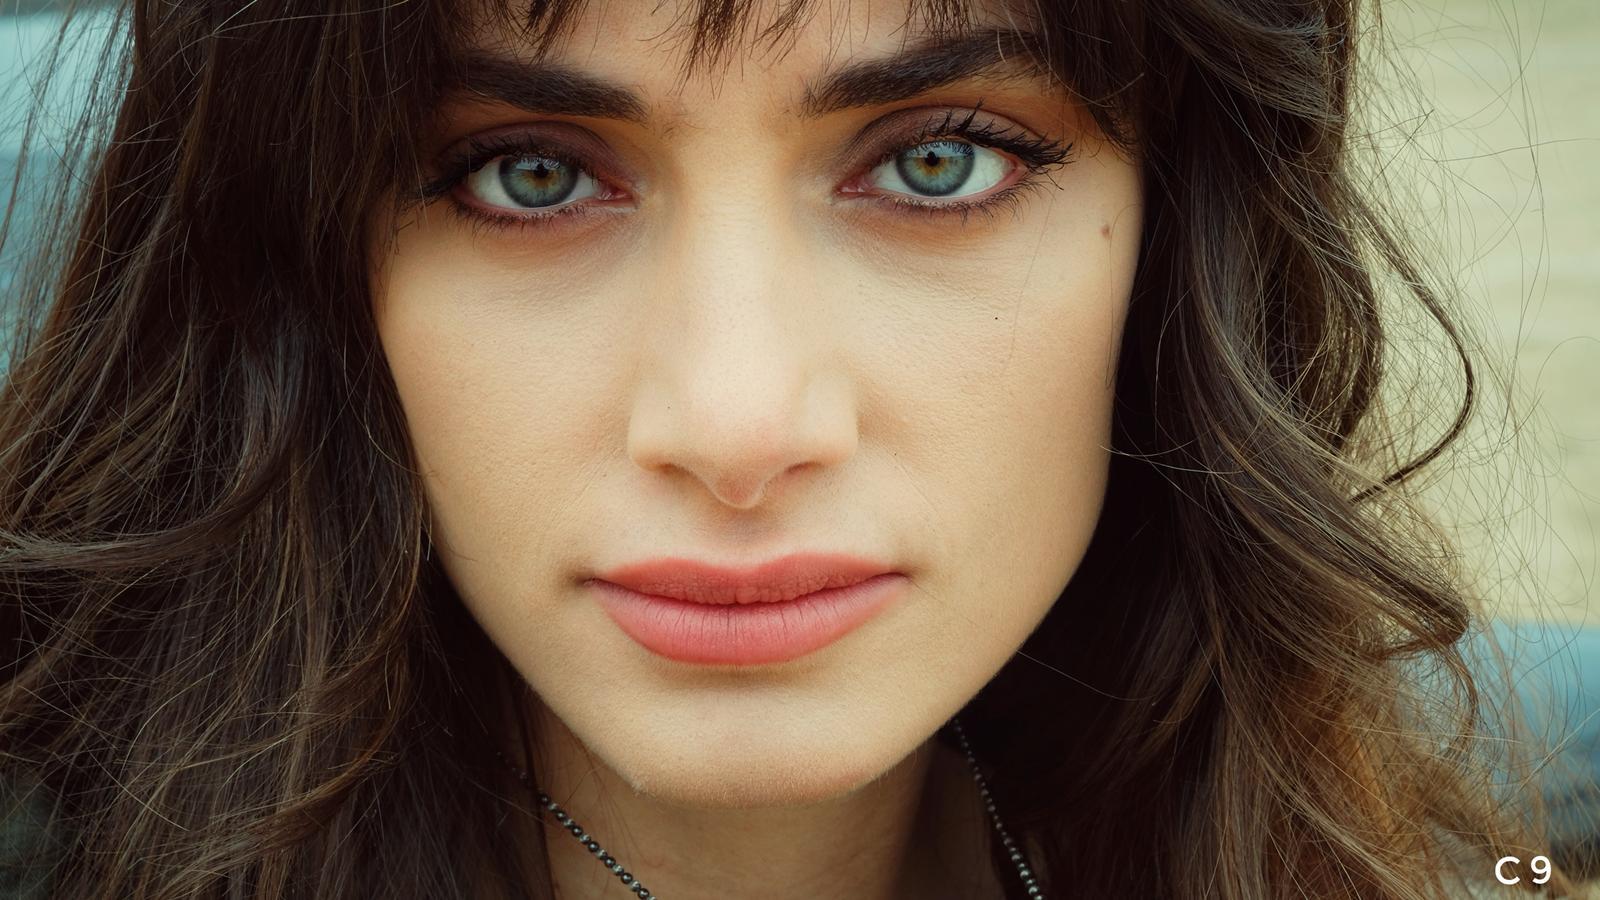 cobra non è denise capezza attrice foto angela regia mauro russo amazon prime video